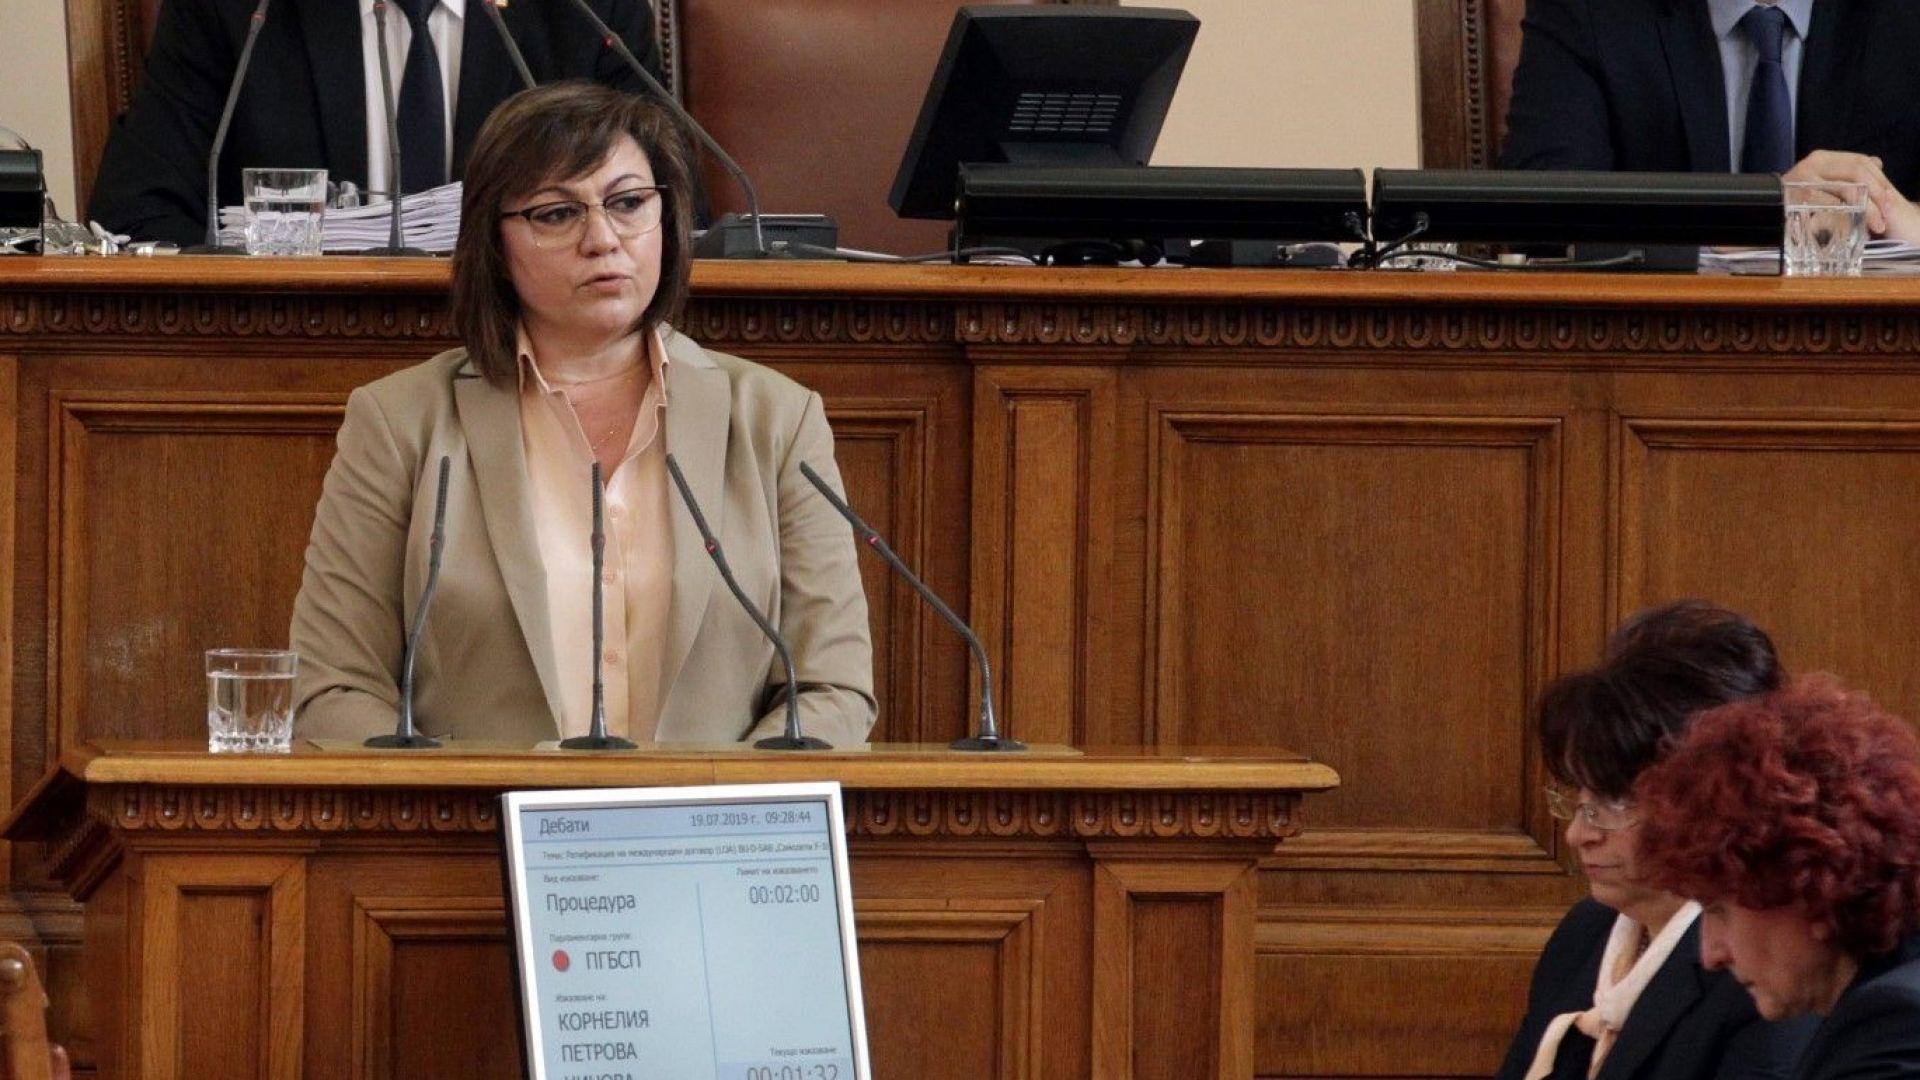 Нинова: Борисов, утре кого ще дискредитирате, на кого ще запушите устата?